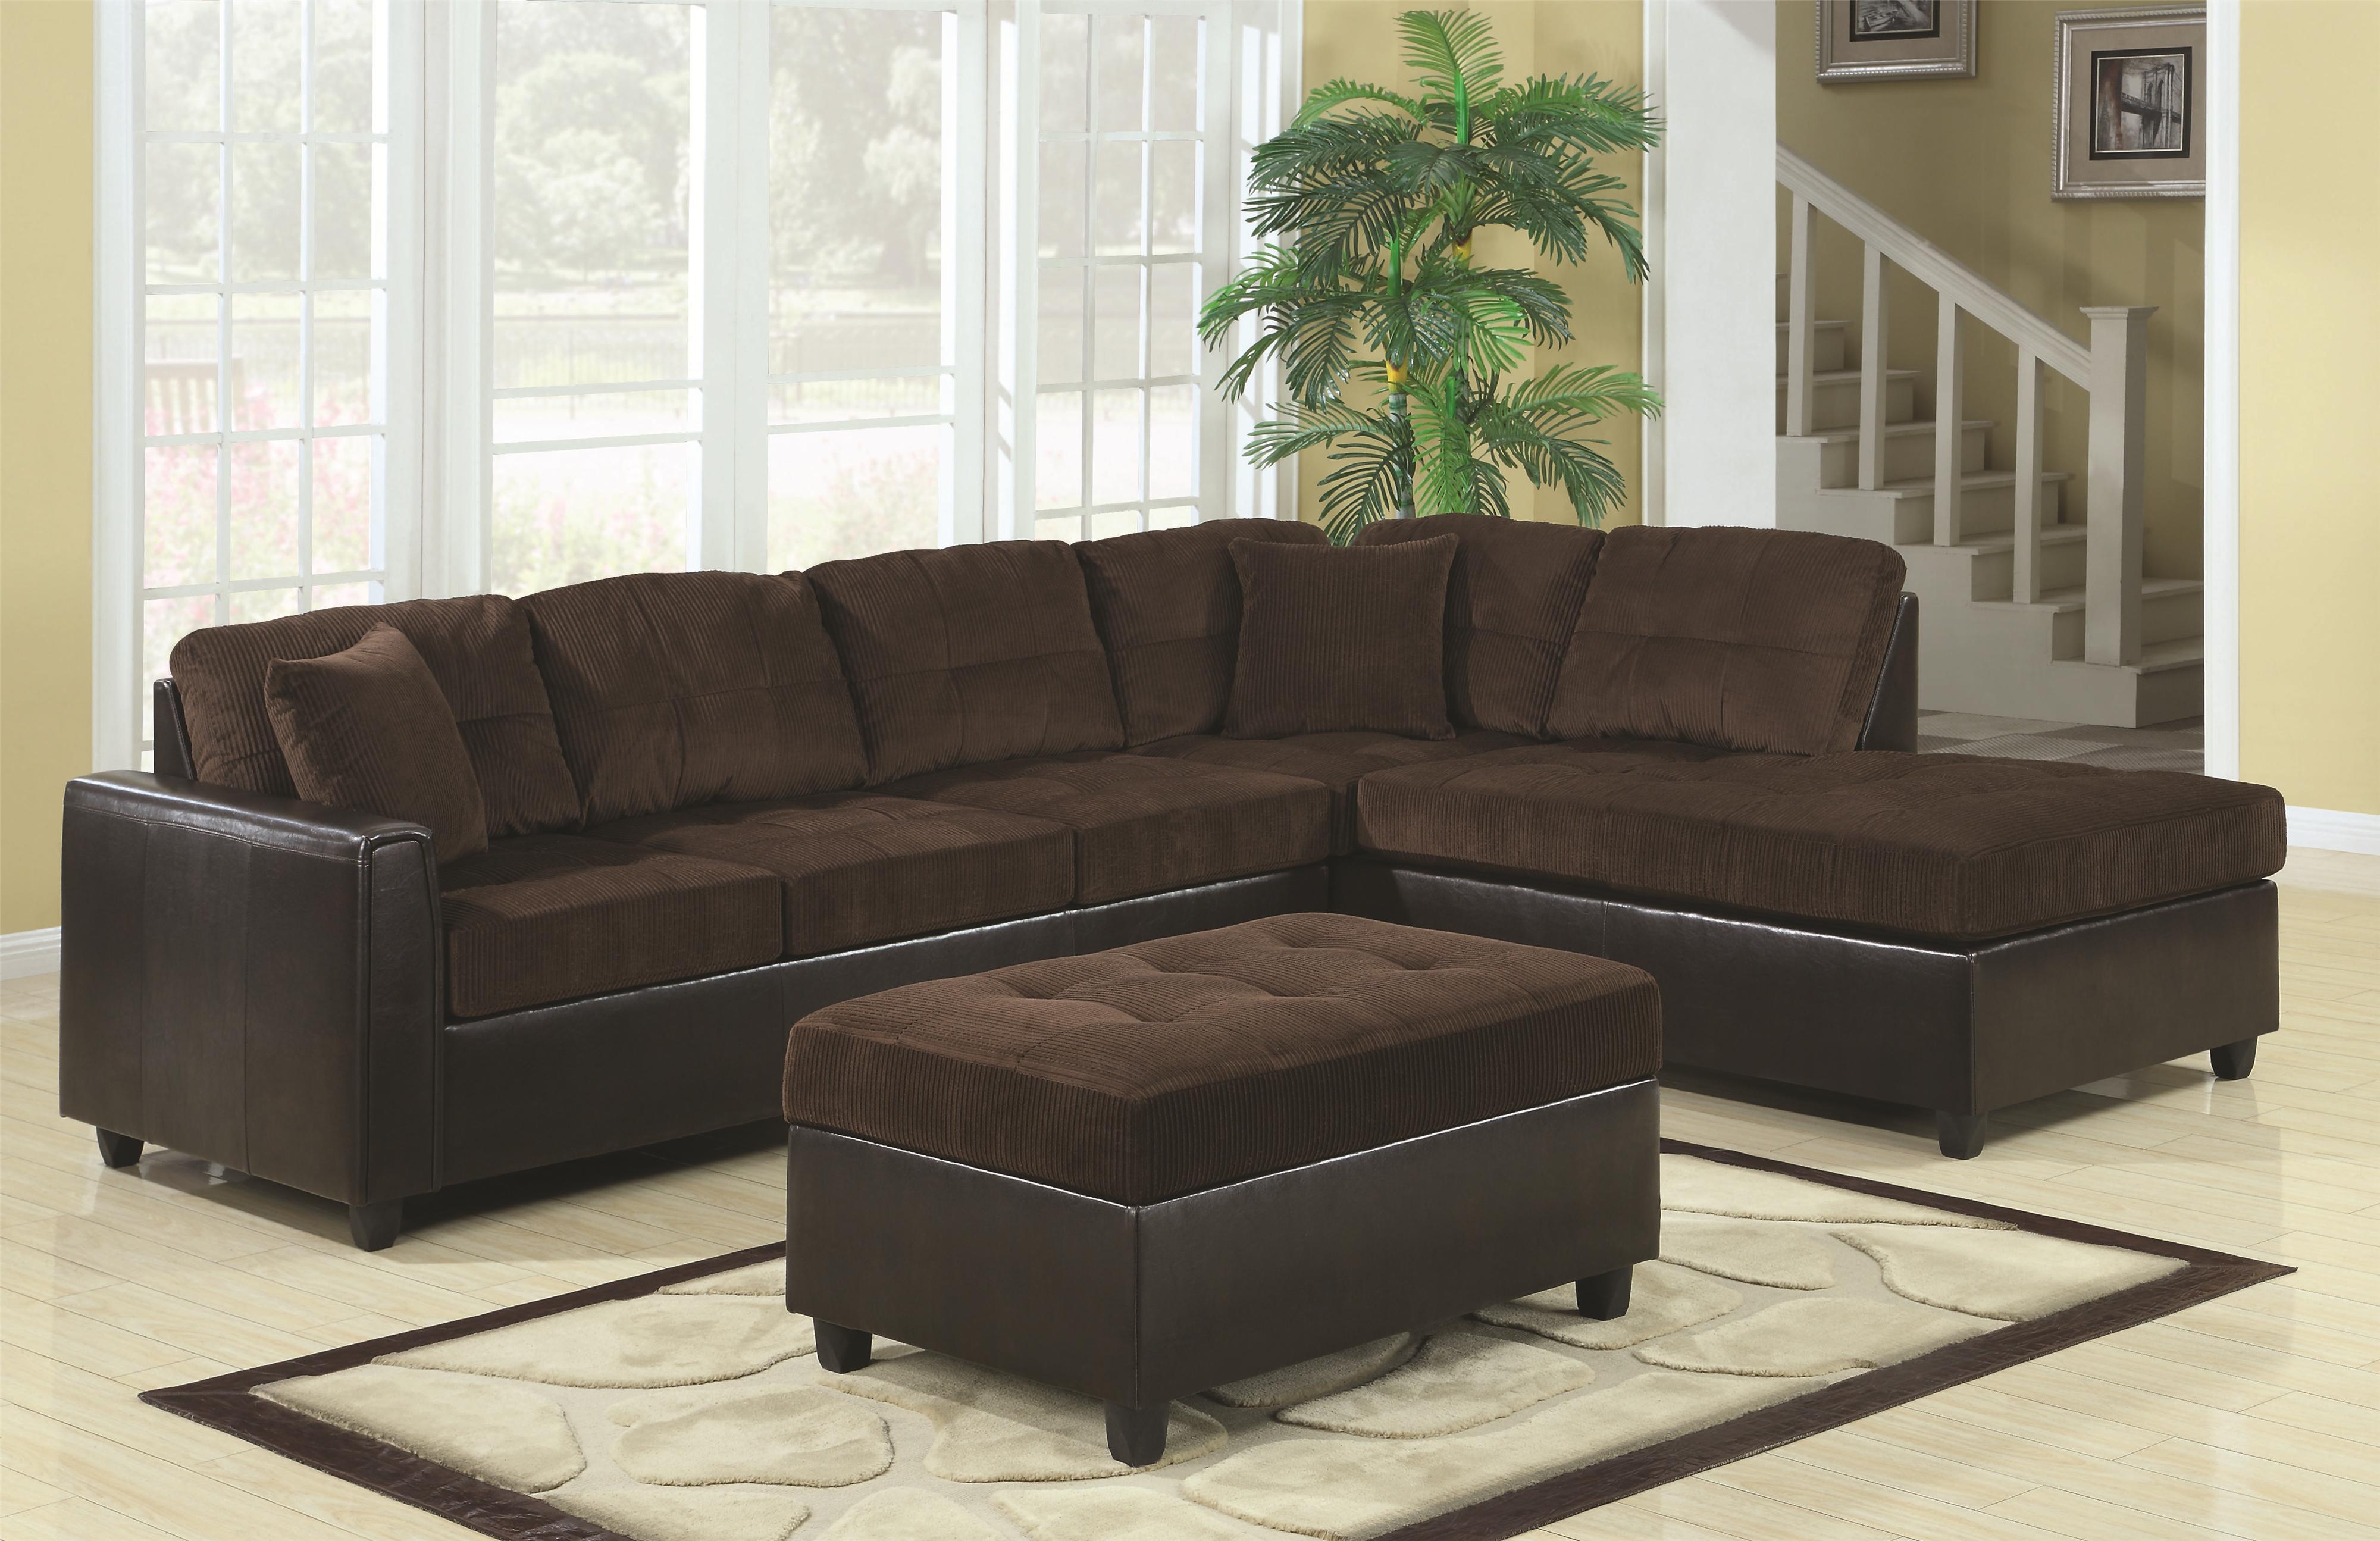 Henri 503013 By Coaster Del Sol Furniture Coaster Henri Dealer